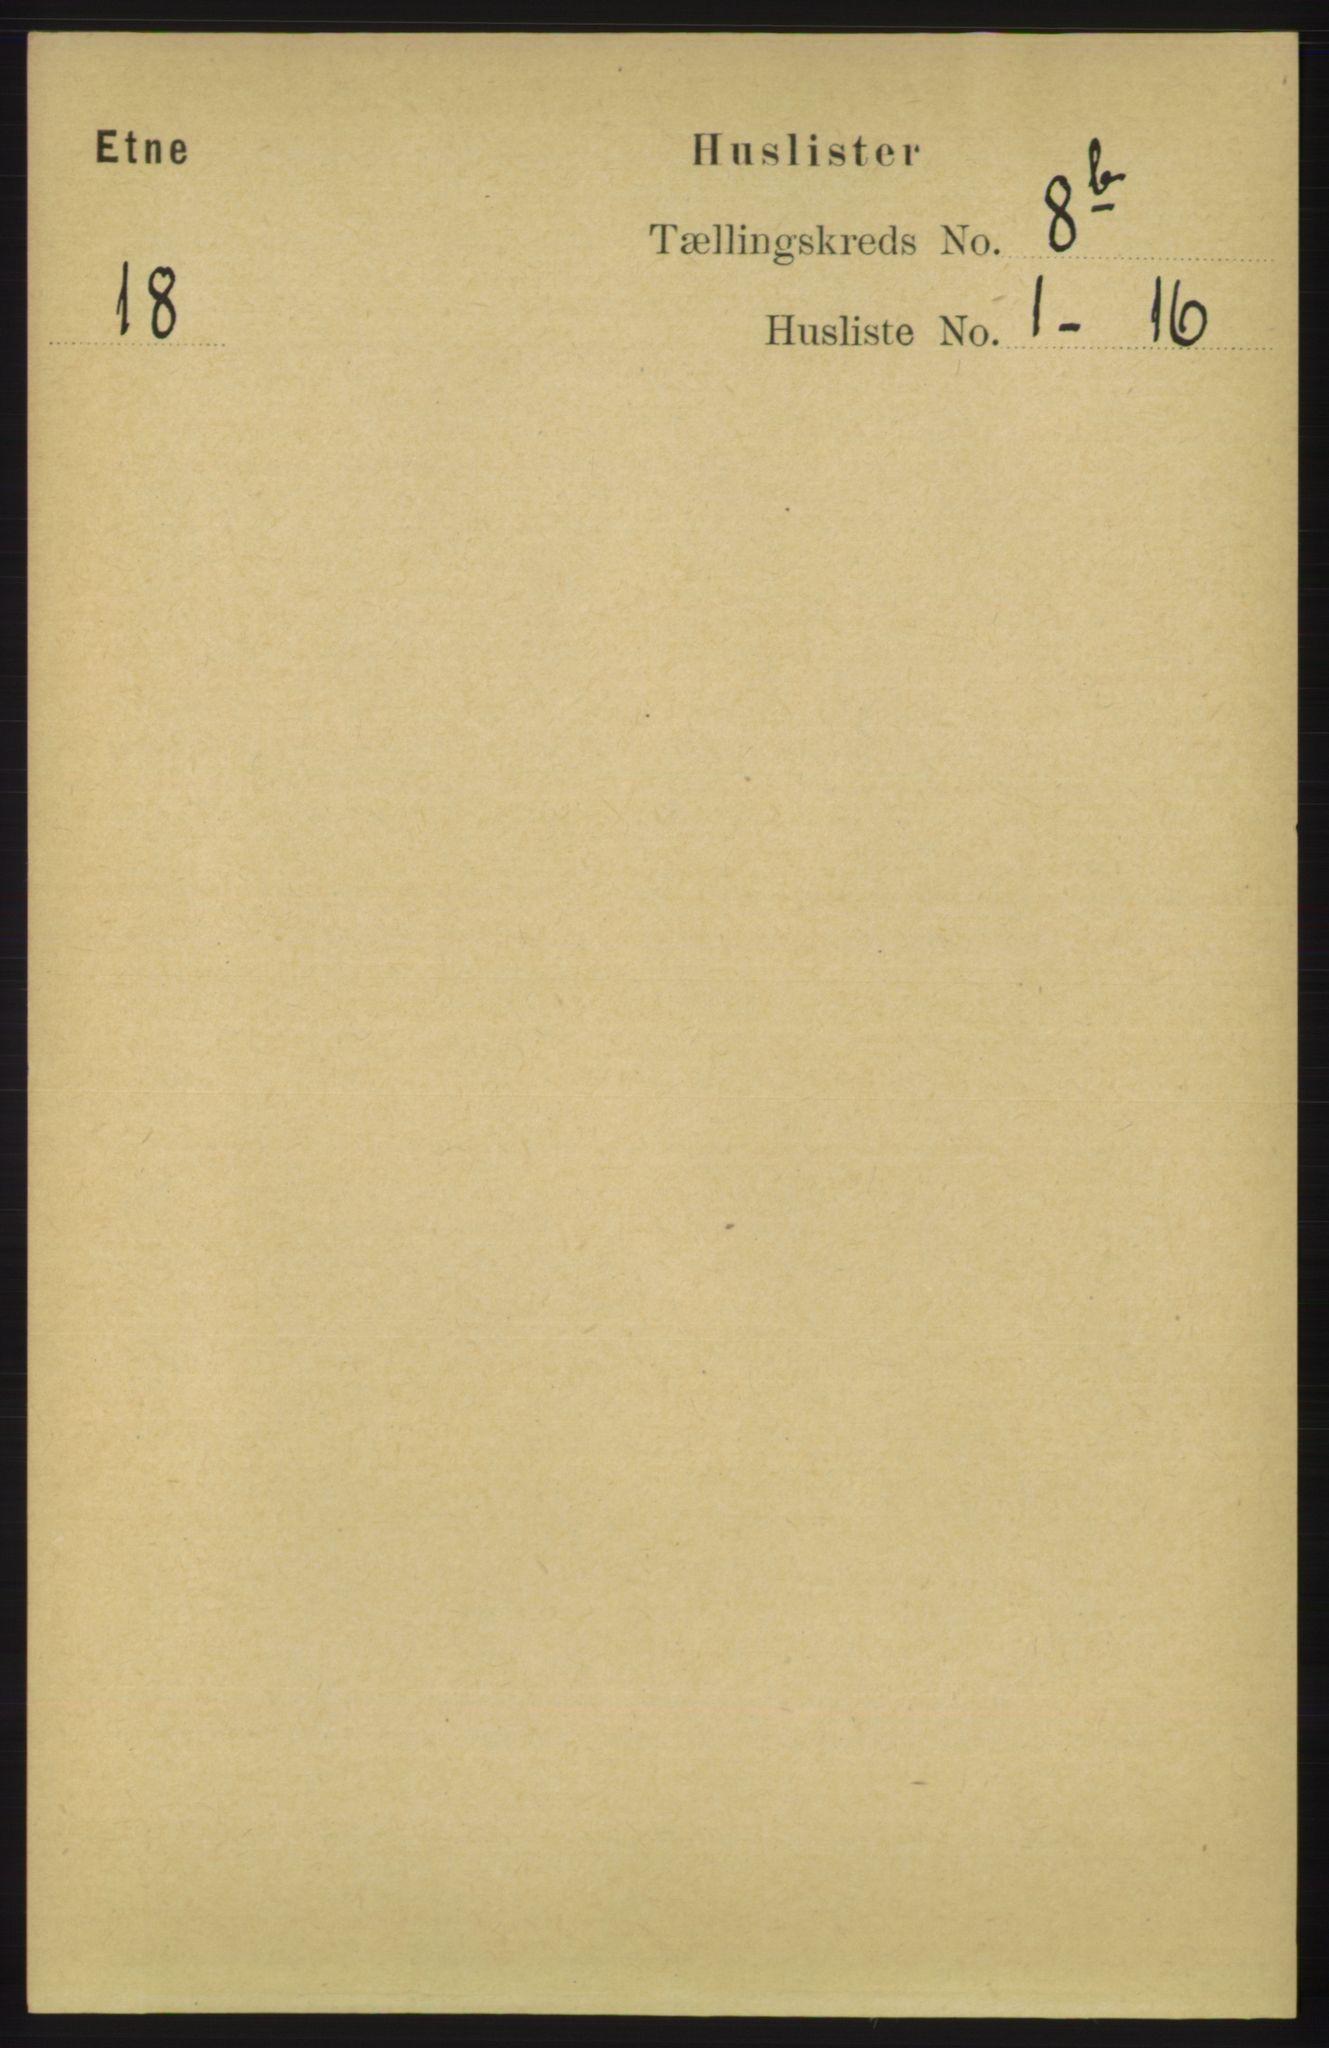 RA, Folketelling 1891 for 1211 Etne herred, 1891, s. 1599